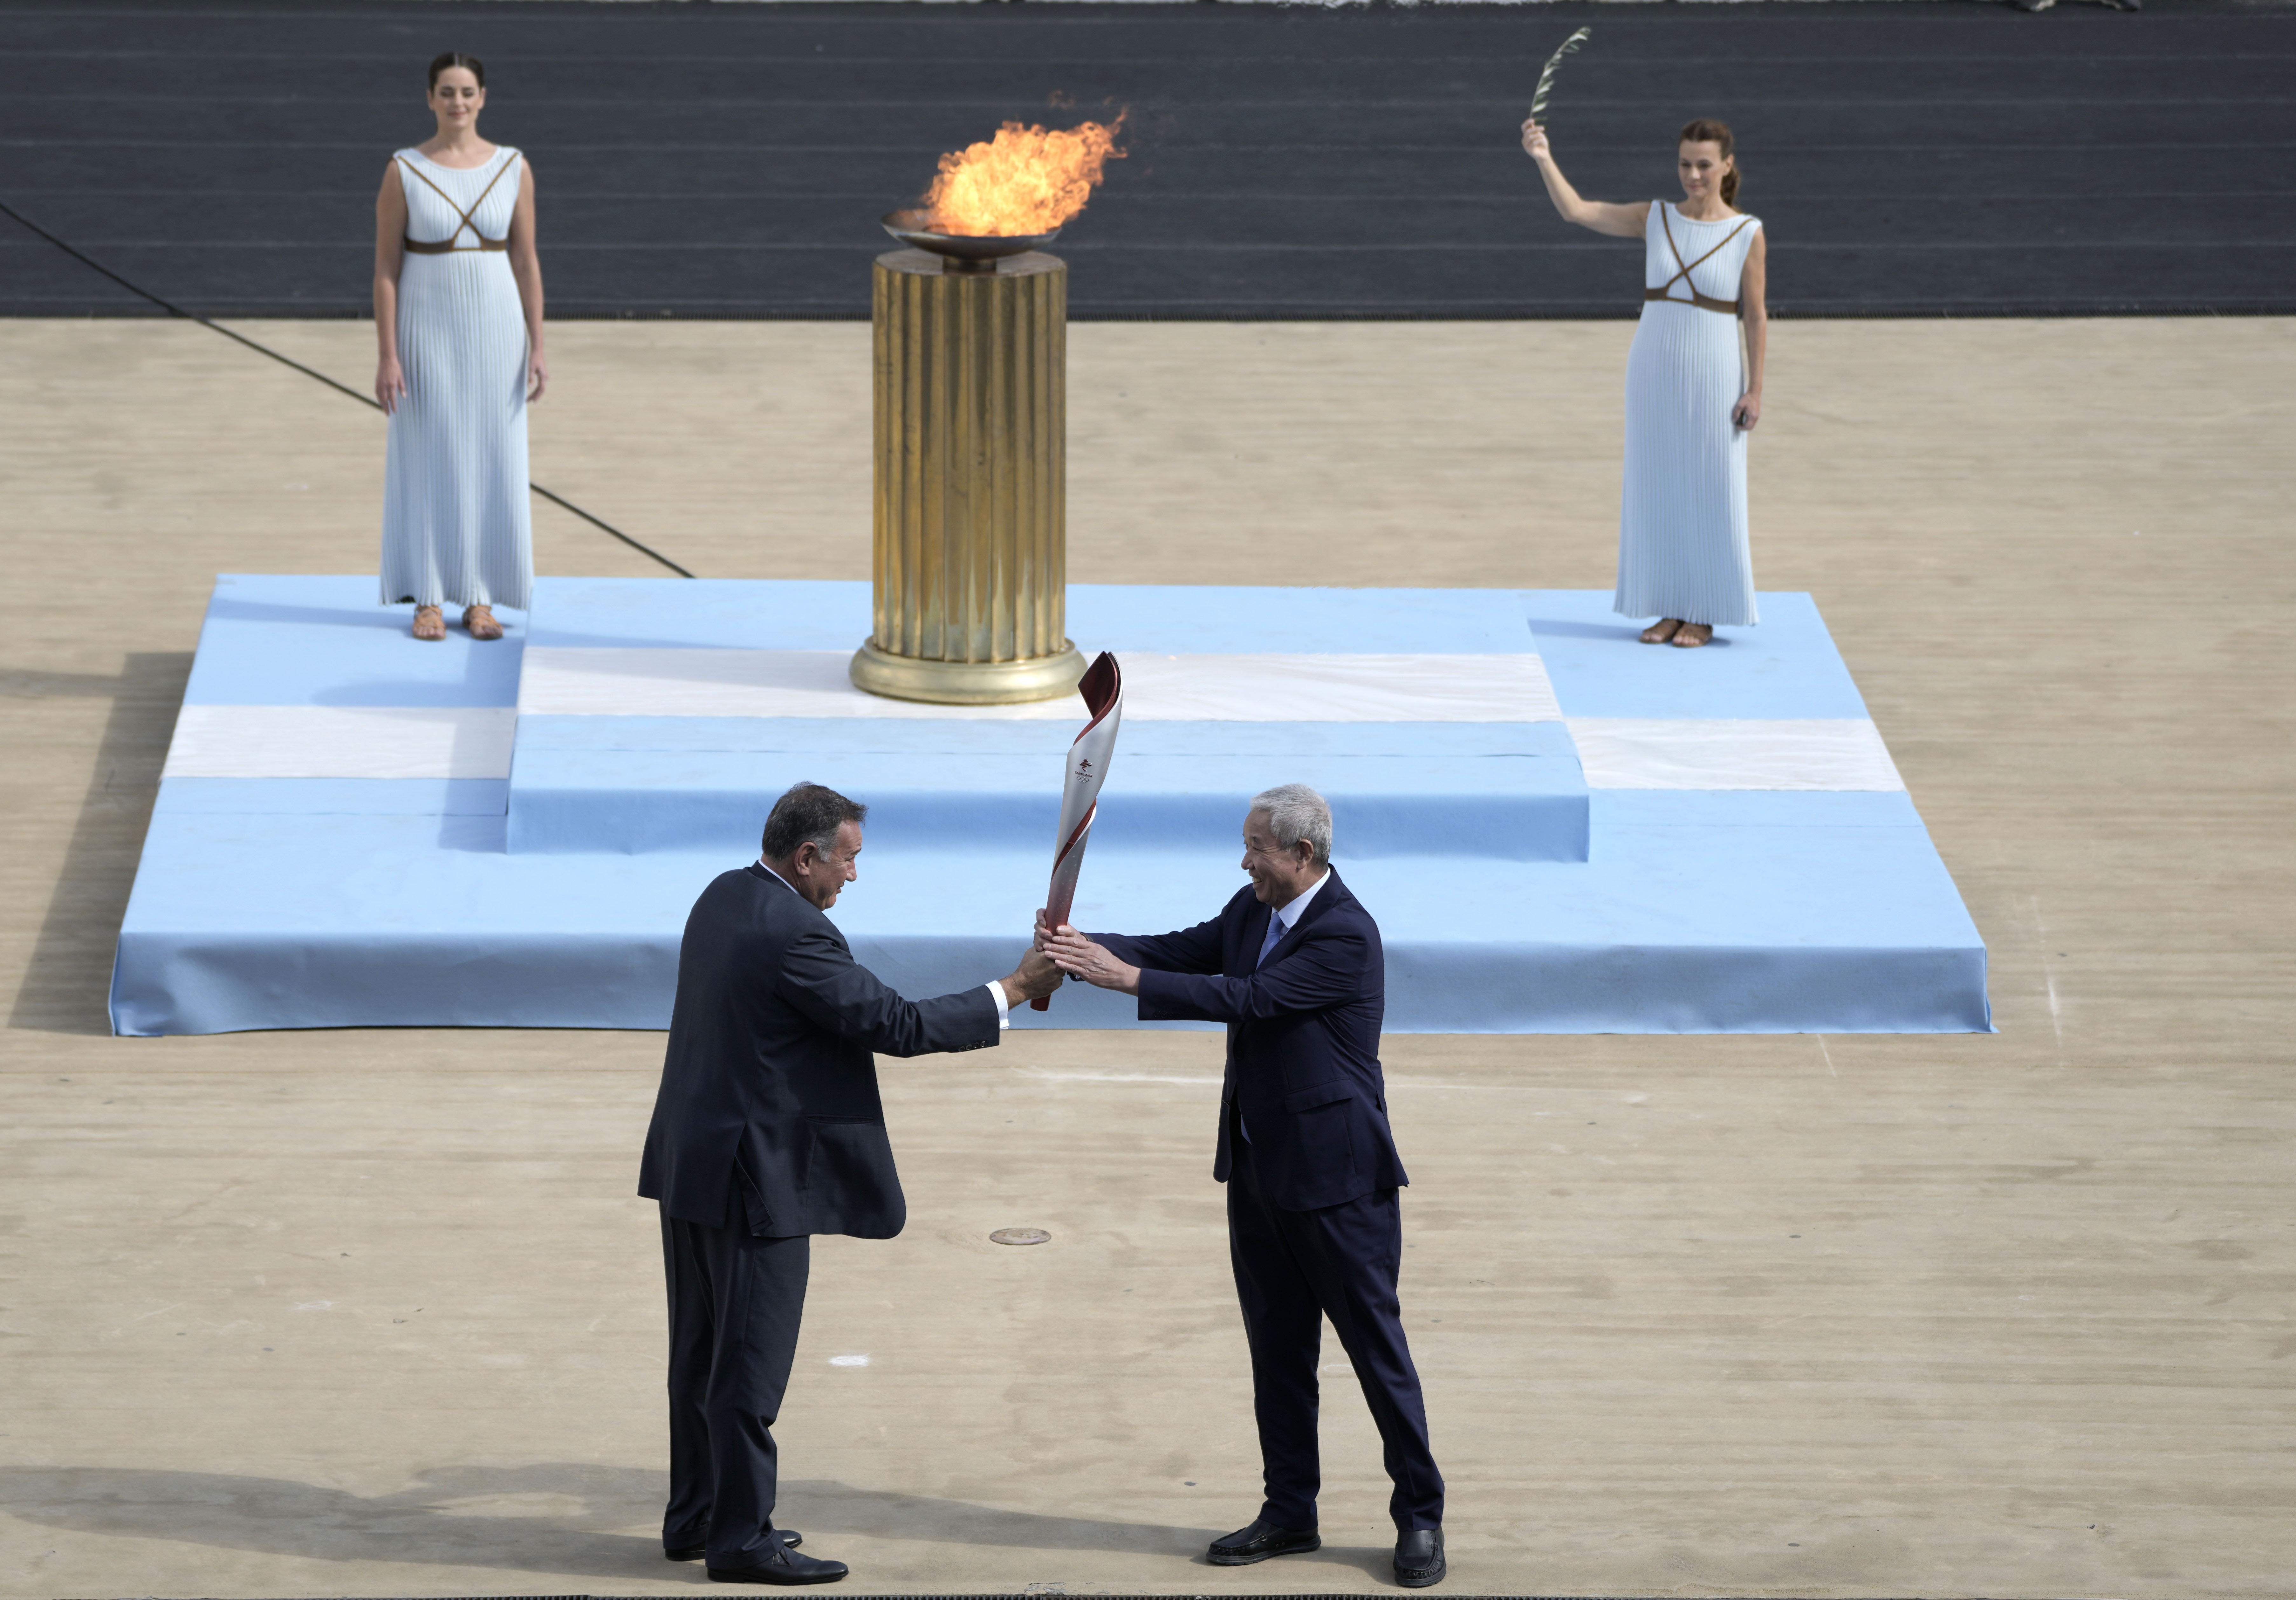 Organizatorii Jocurilor de Iarnă de la Beijing primesc flacăra olimpică, în ciuda opoziţiei activiştilor